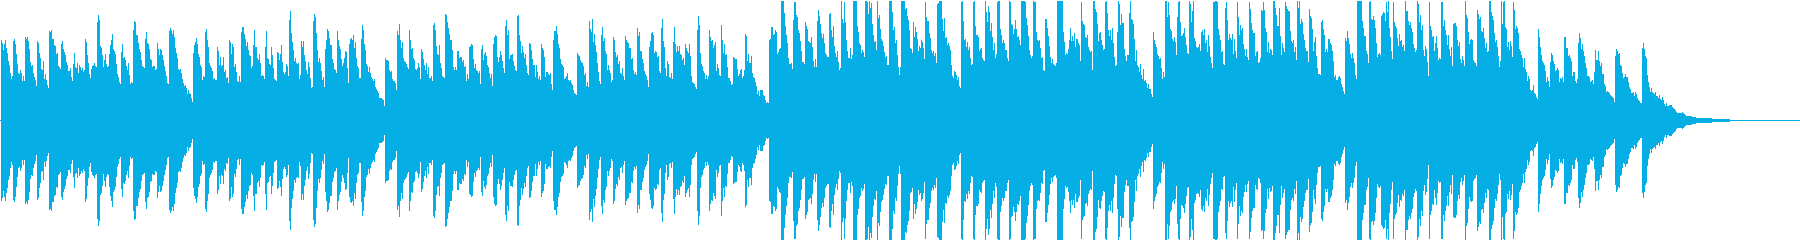 時報・チャイム風の名曲のメロディ・22の再生済みの波形